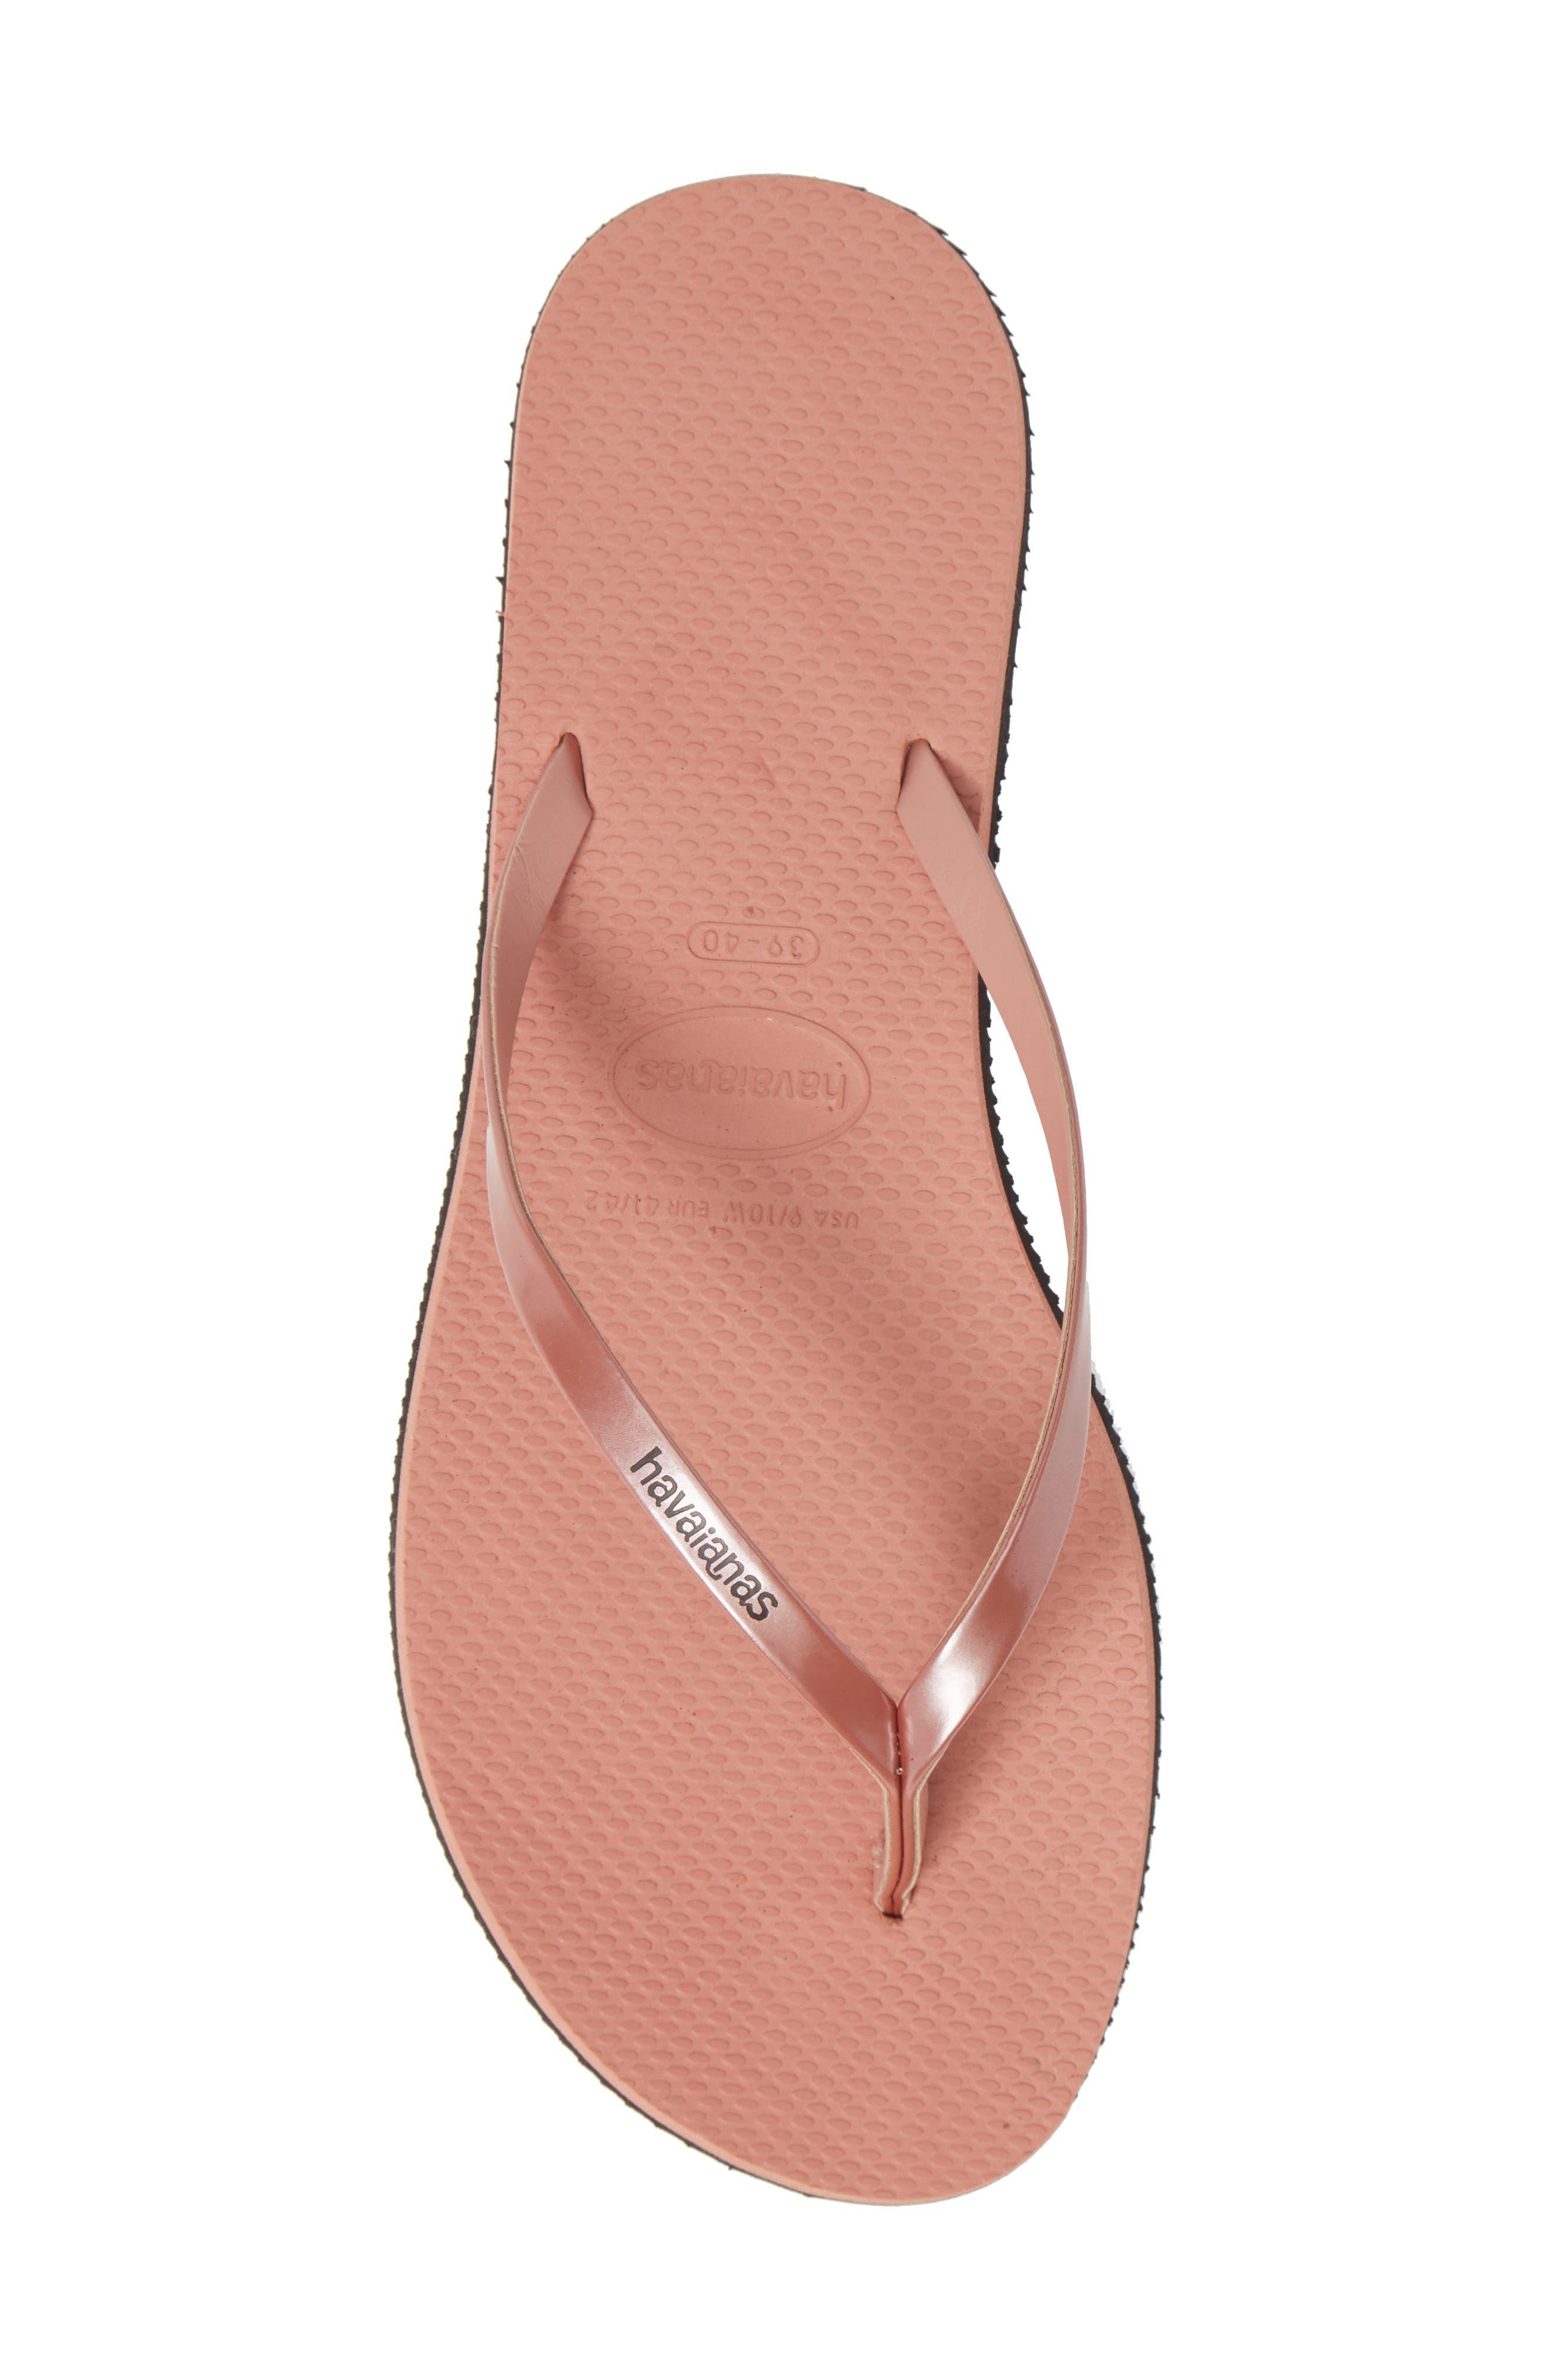 HAVAIANAS 'You' Flip Flop, Main, color, ROSE NUDE